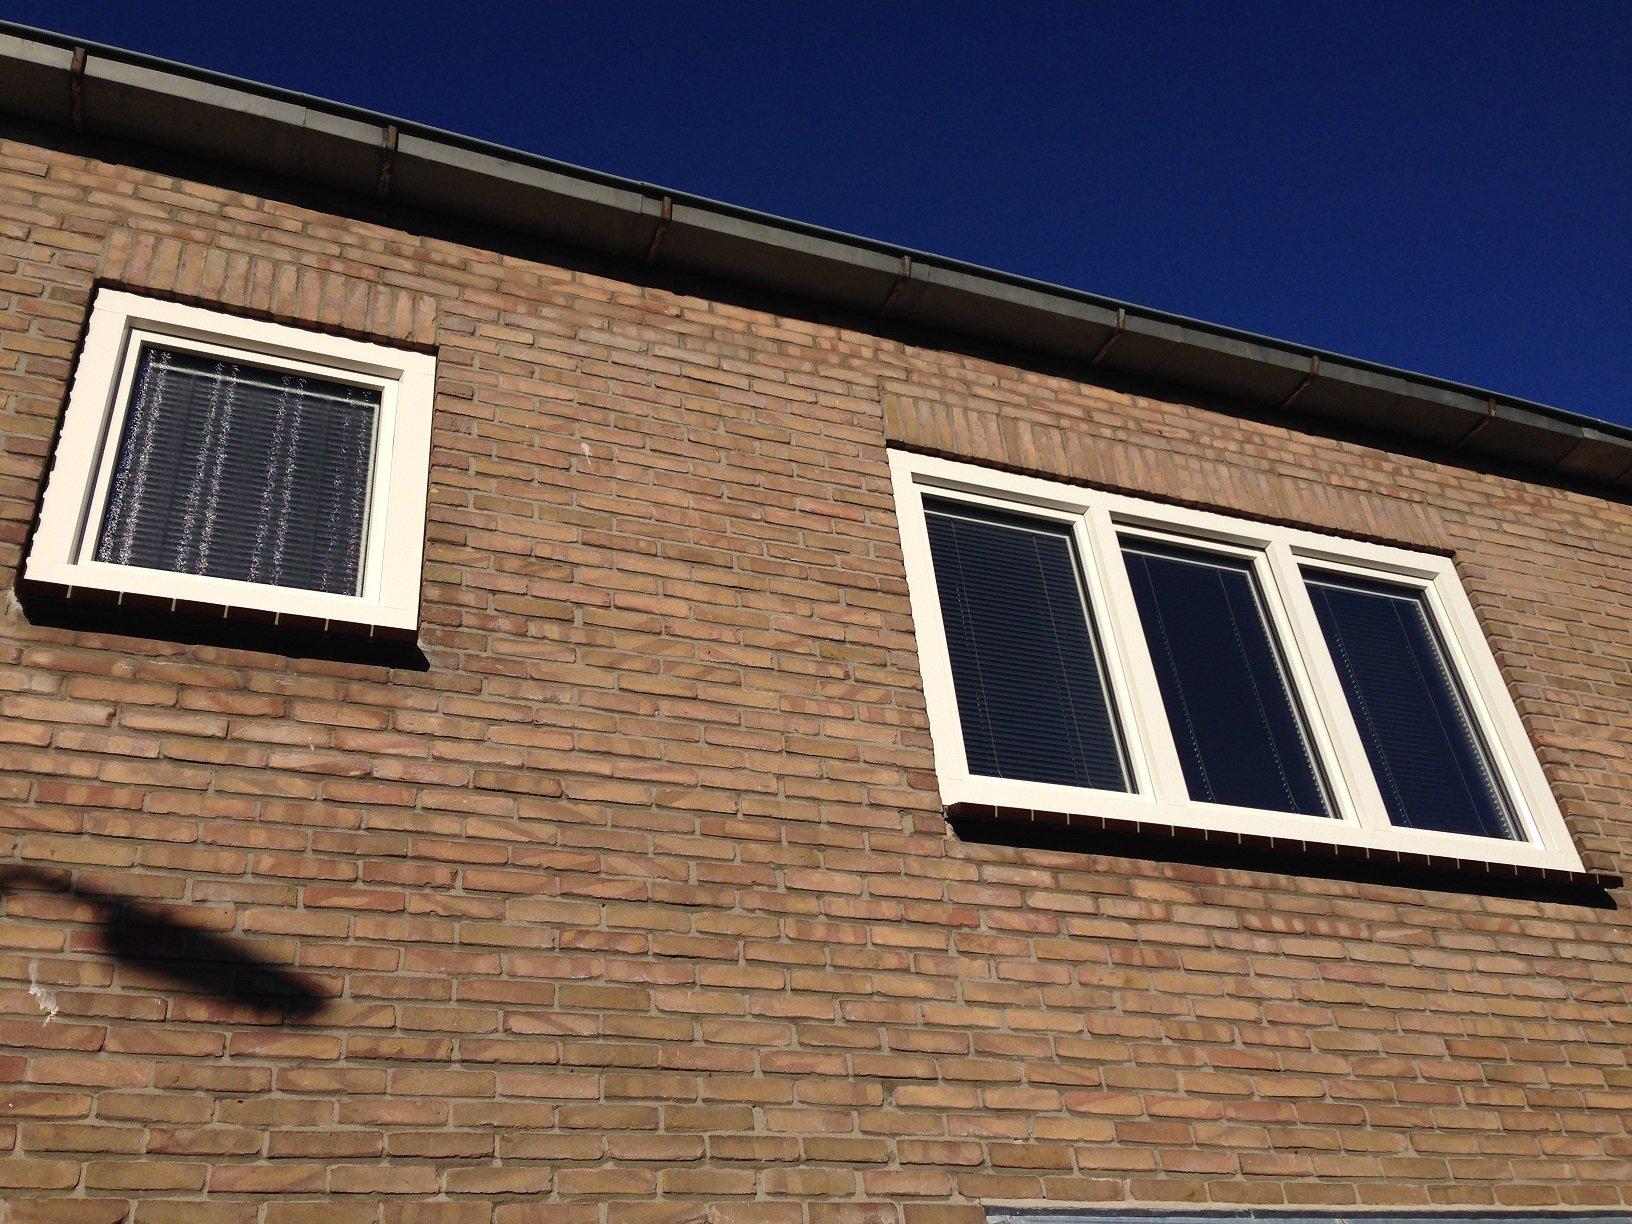 Knipping onderhoudsvrije kozijnen en voordeur gemonteerd te Odijk.